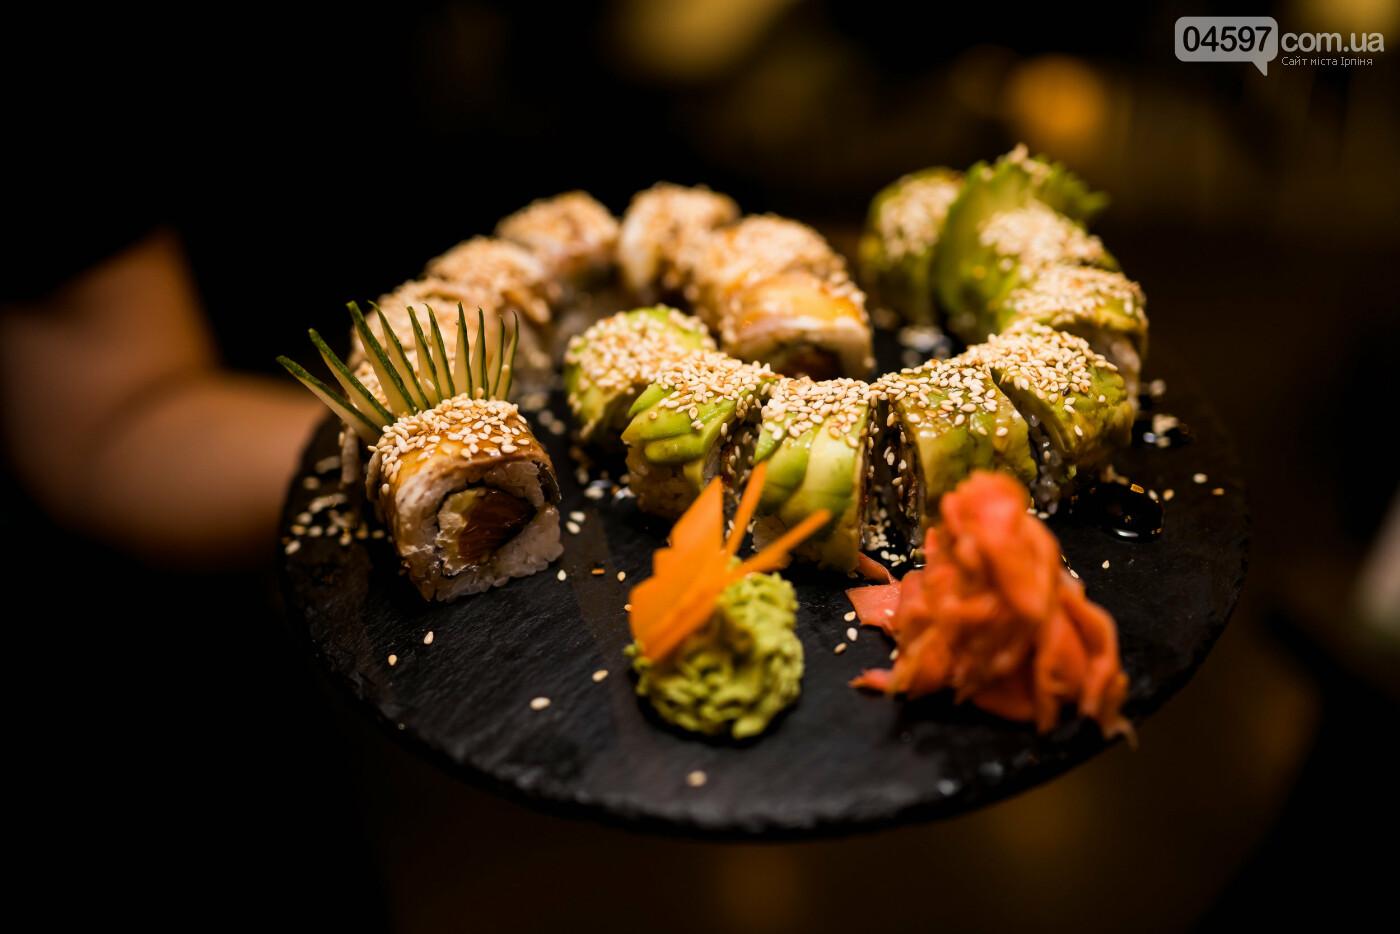 Hanami restaurant & bar Ірпінь дарує знижку 10% на все меню, фото-4